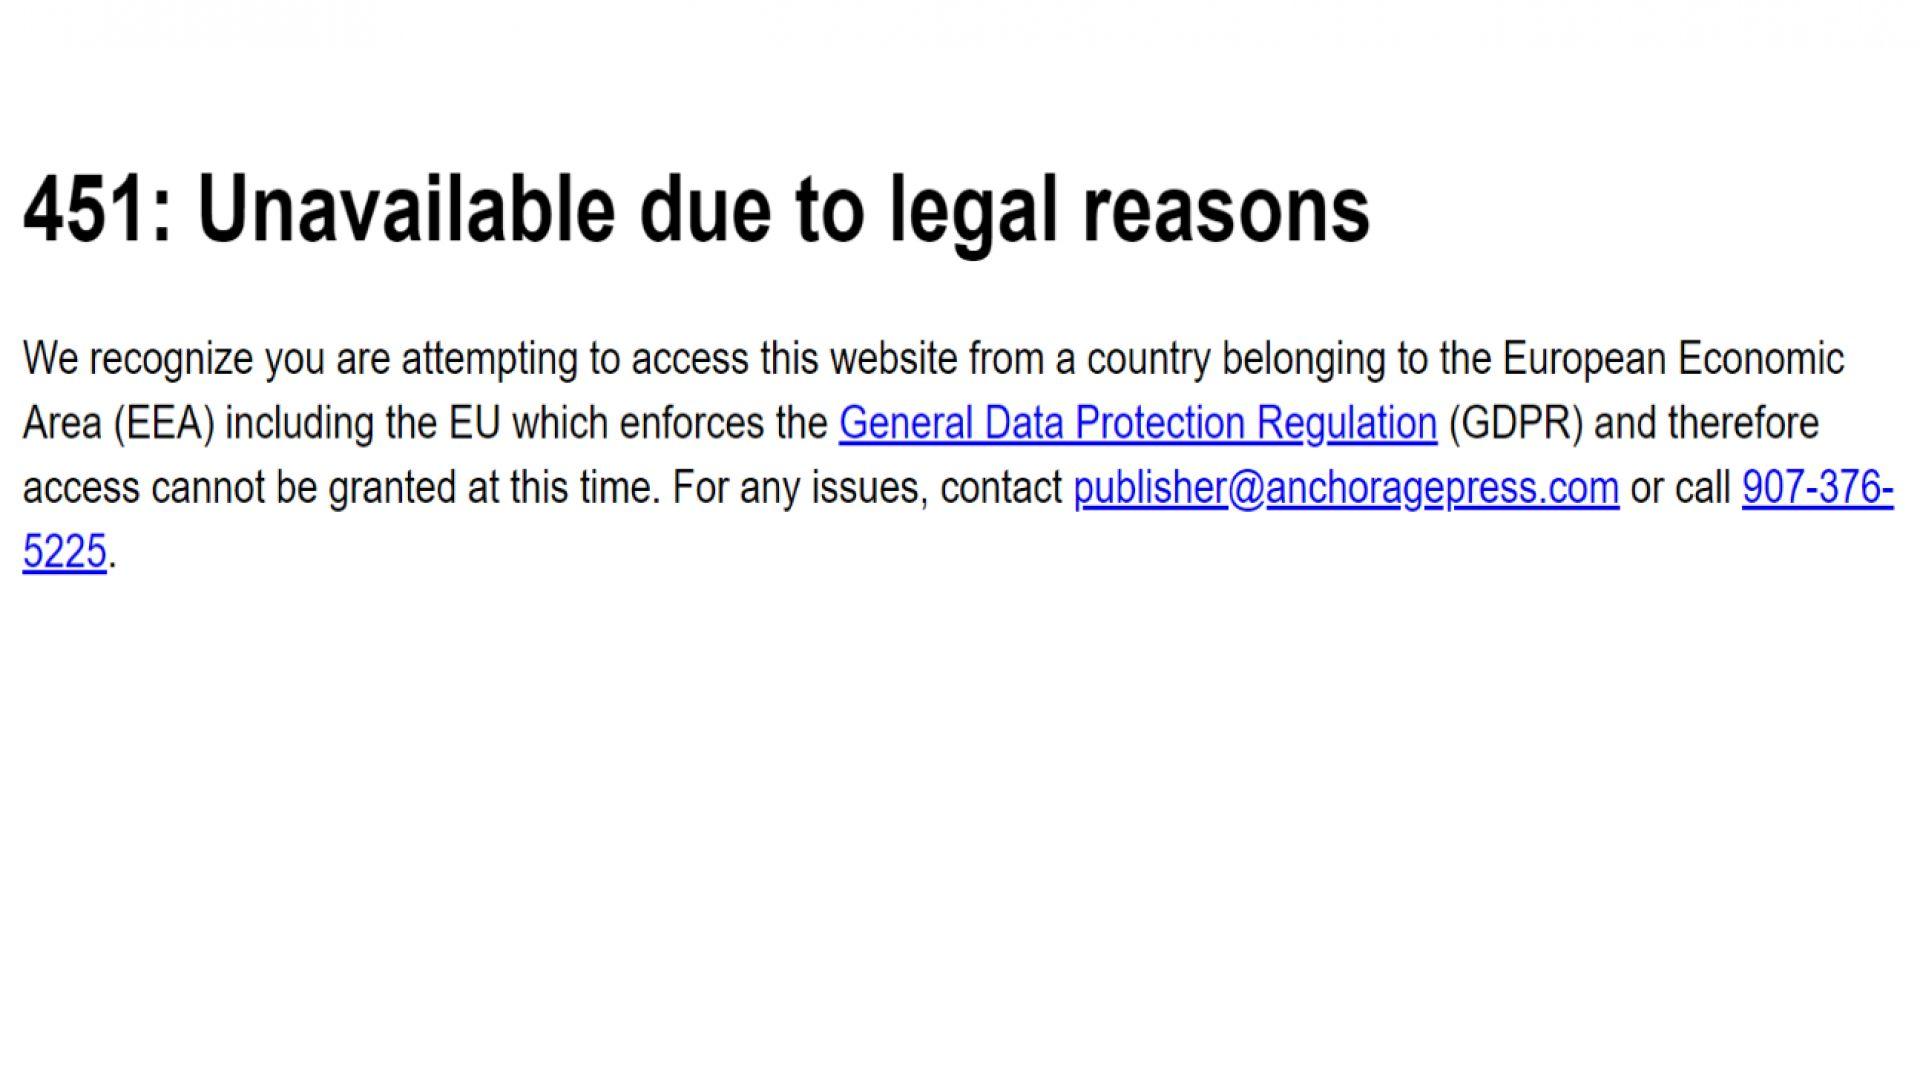 Американски сайтове блокират достъпа на европейски потребители